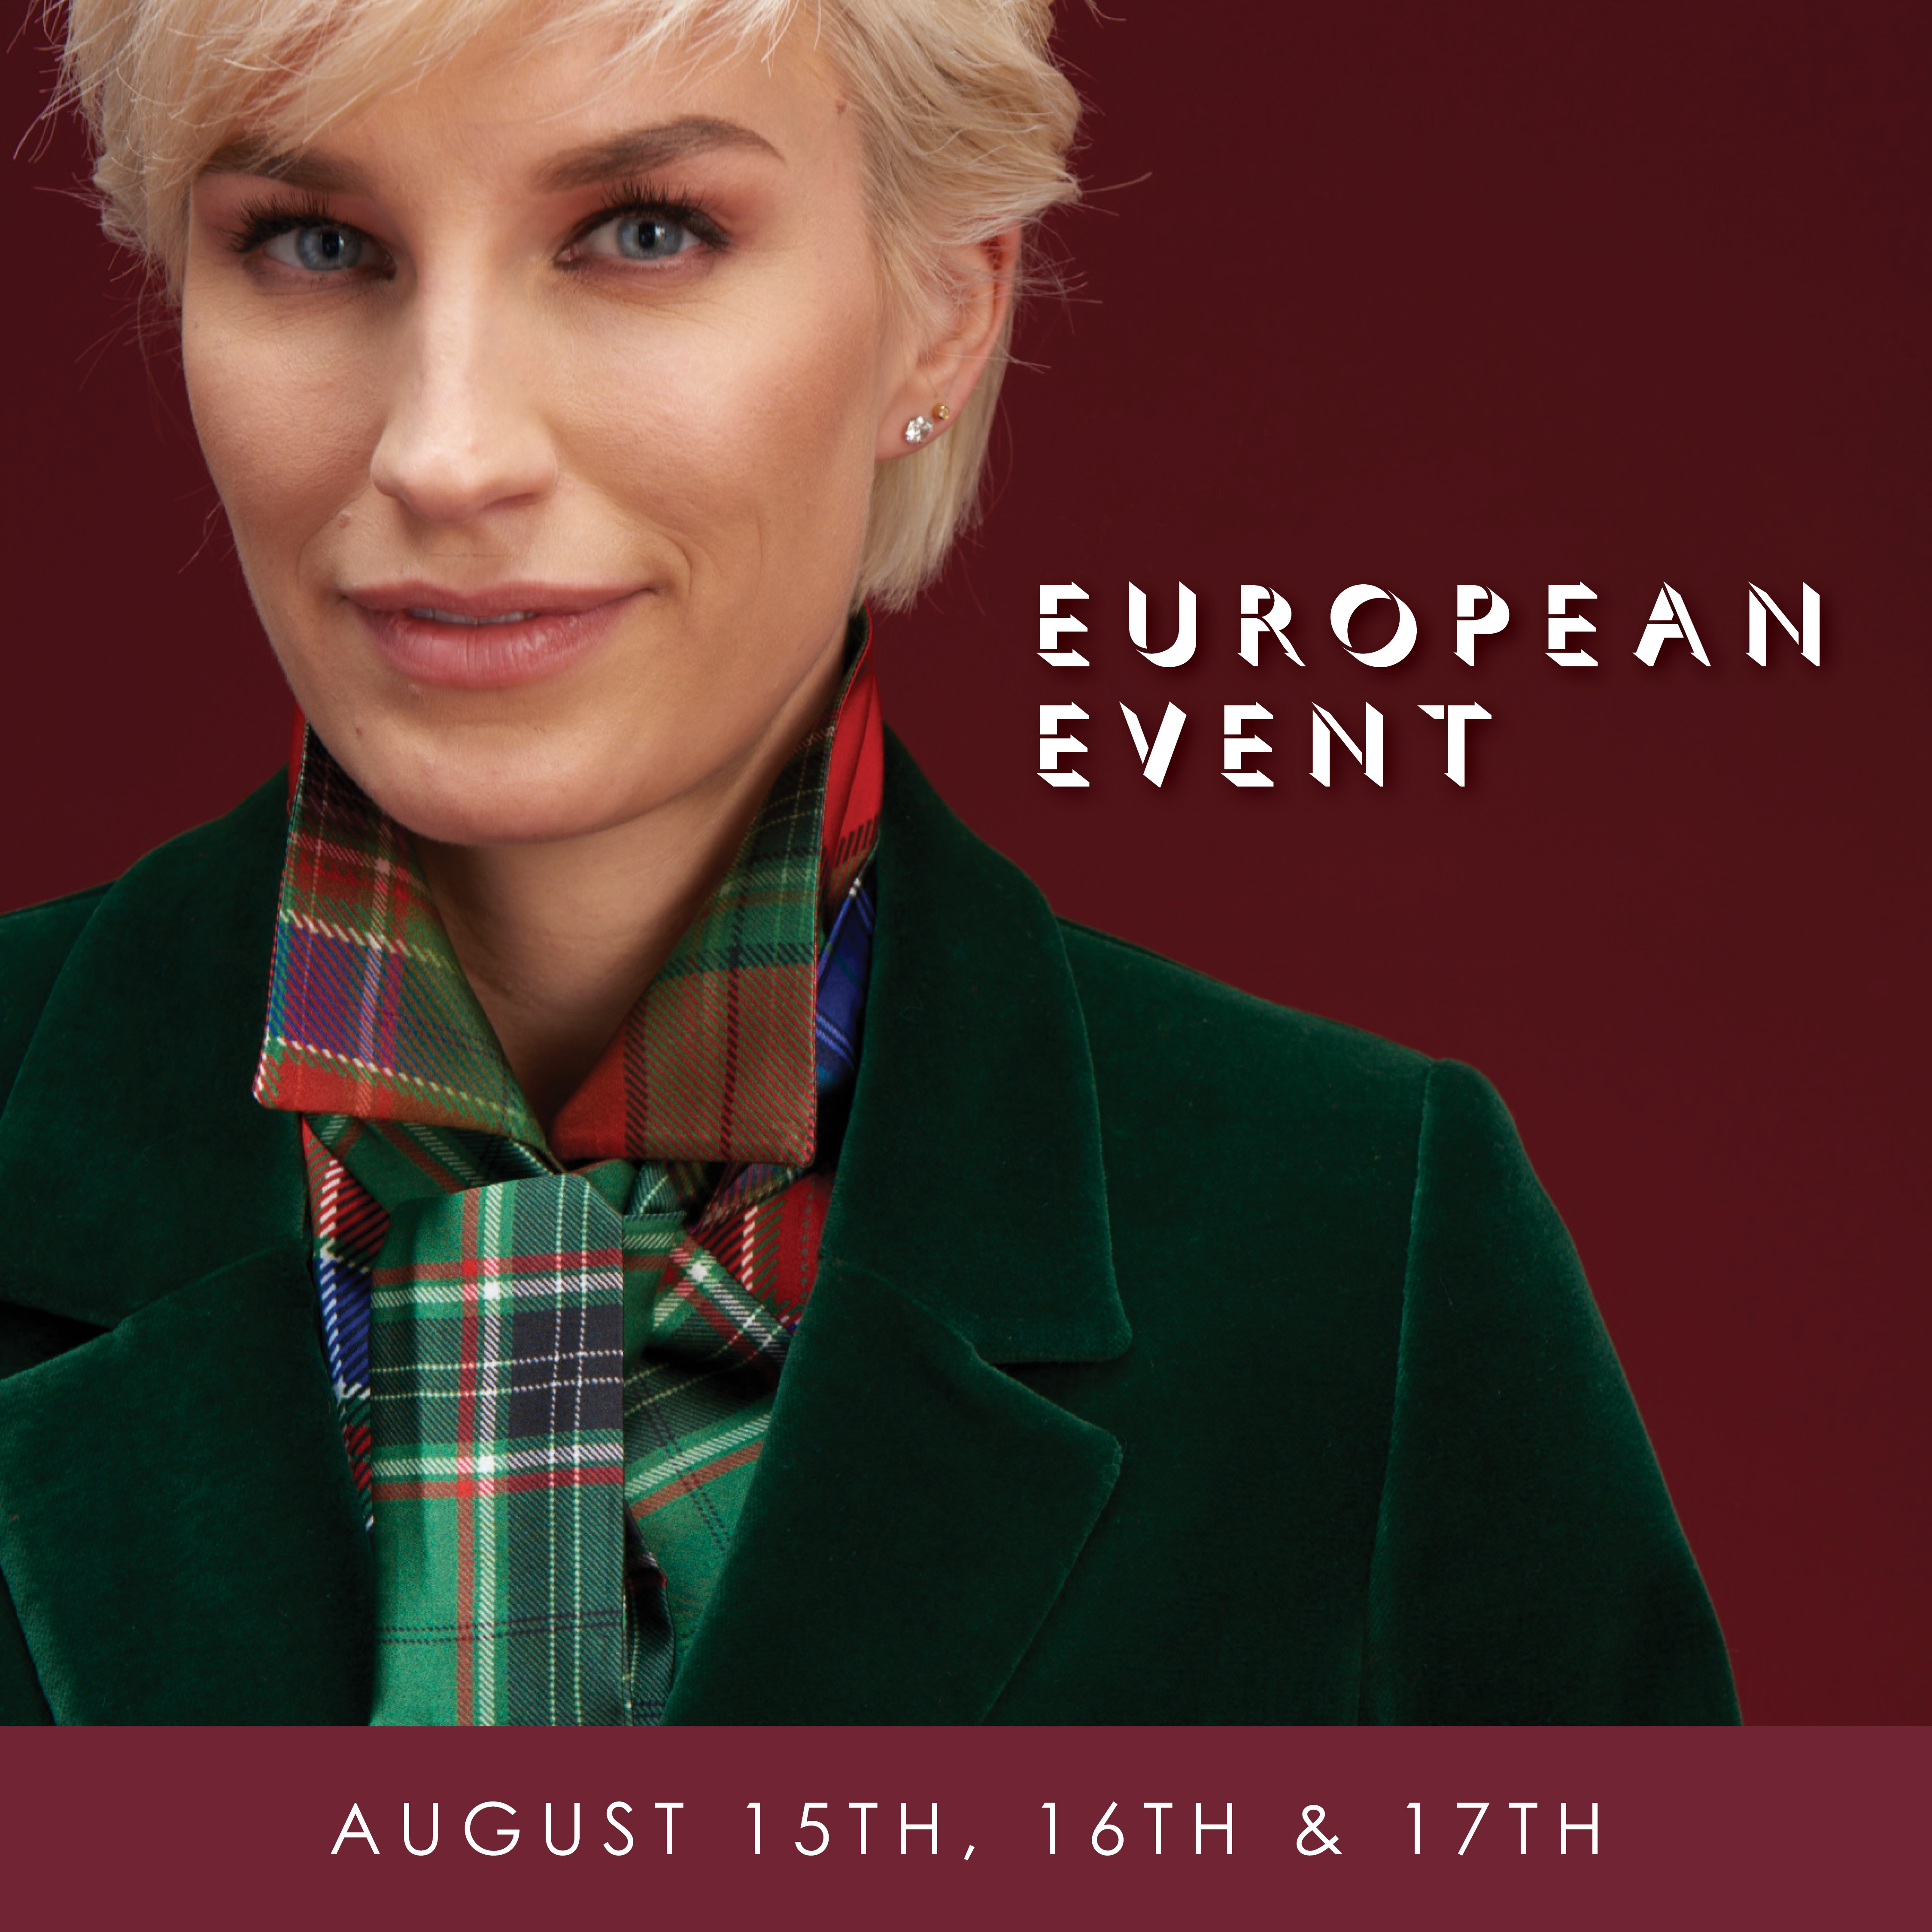 European Event featuring Algo of Switzerland